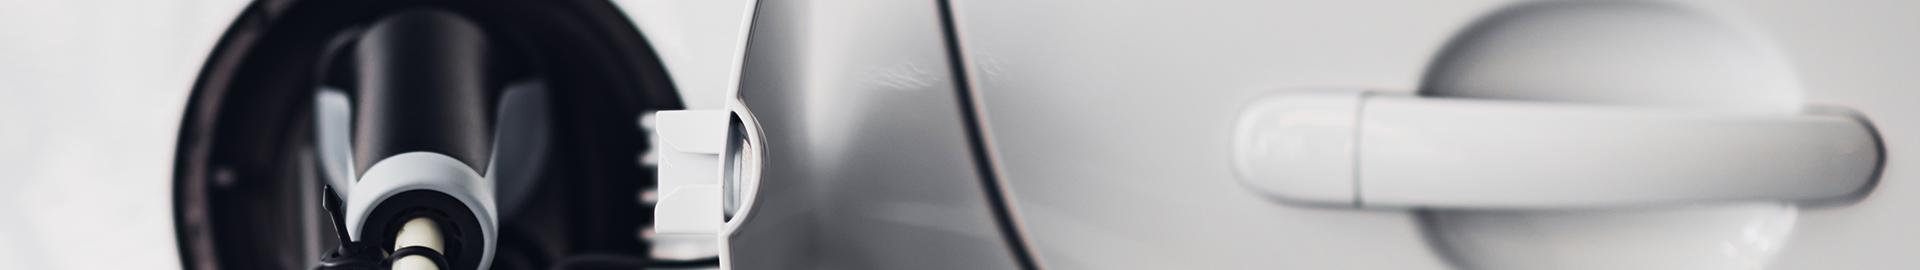 Seitenasicht eines Elektroautos im Detail